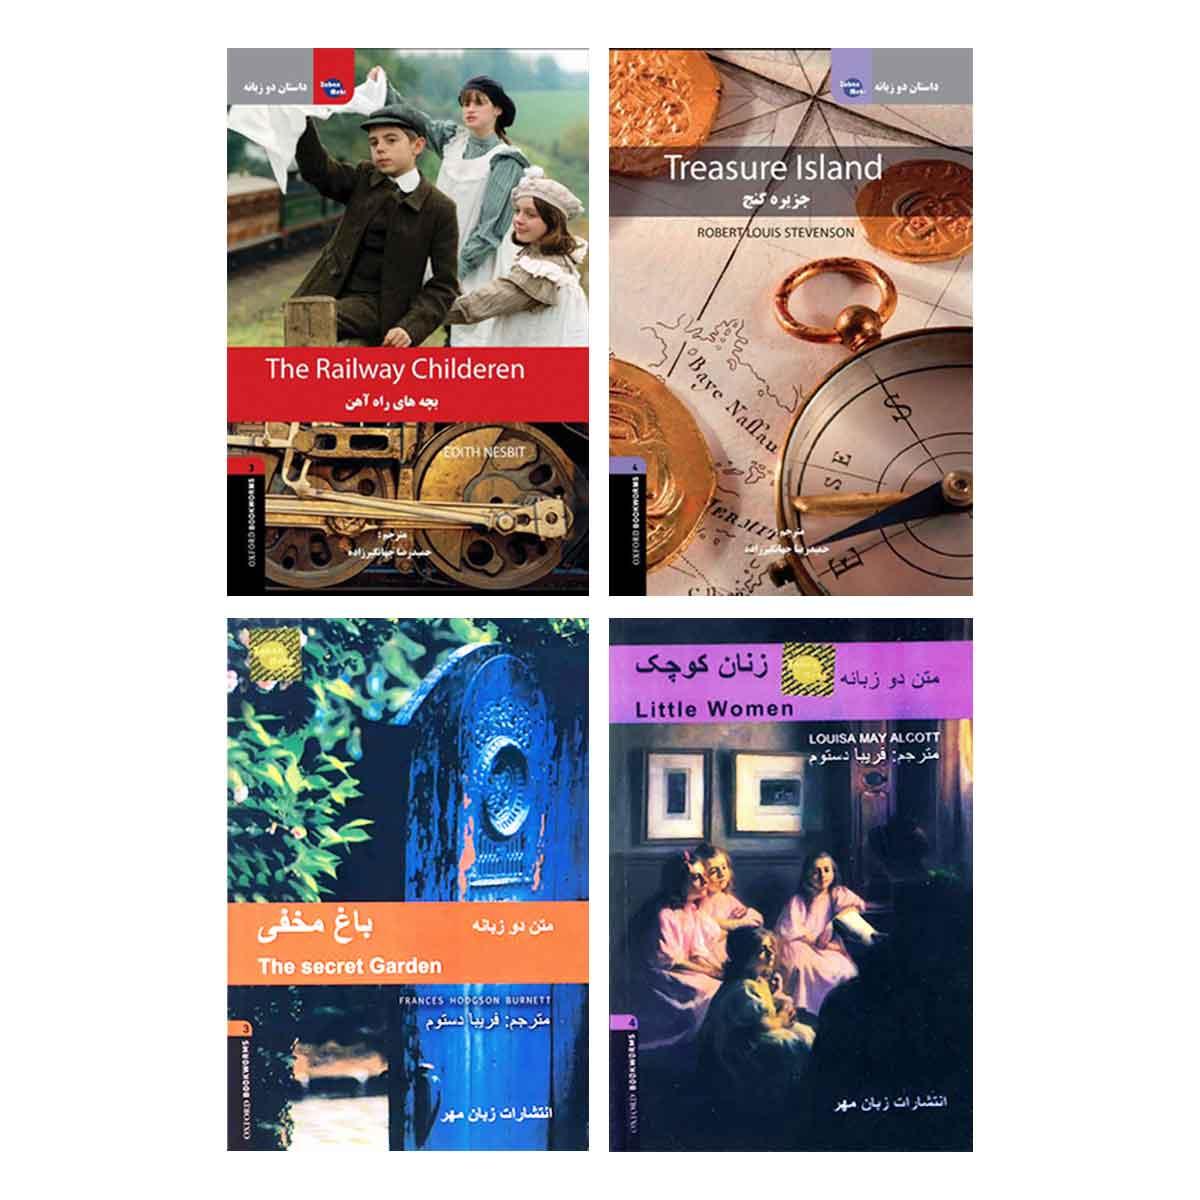 داستانهای دوزبانه انگلیسی فارسی سطح متوسط